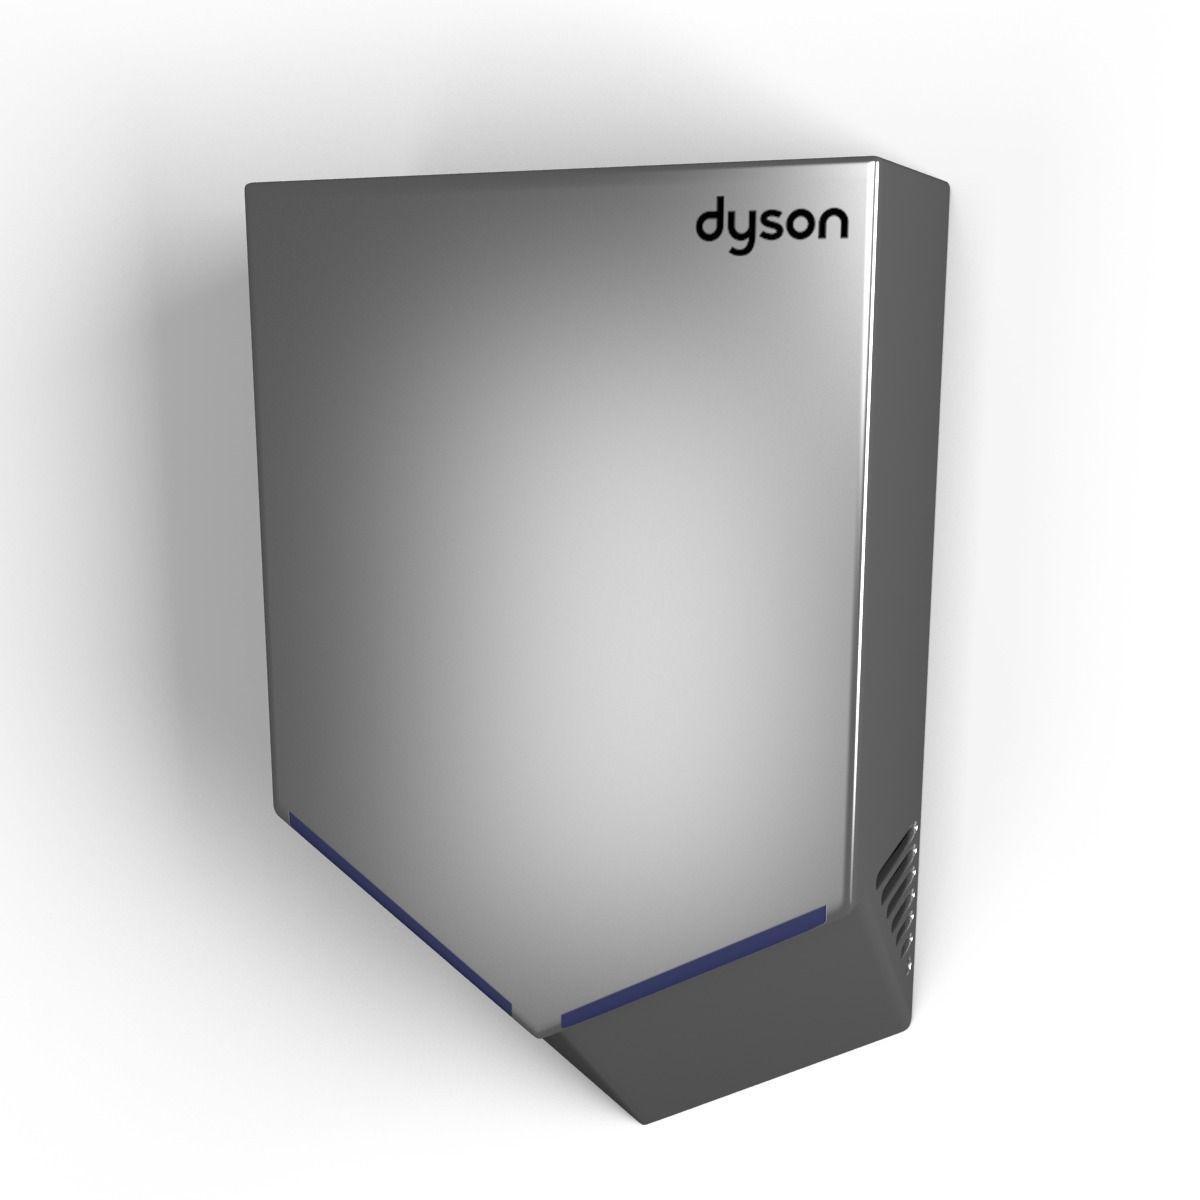 dyson airblade v 3d model max obj 3ds fbx mtl. Black Bedroom Furniture Sets. Home Design Ideas